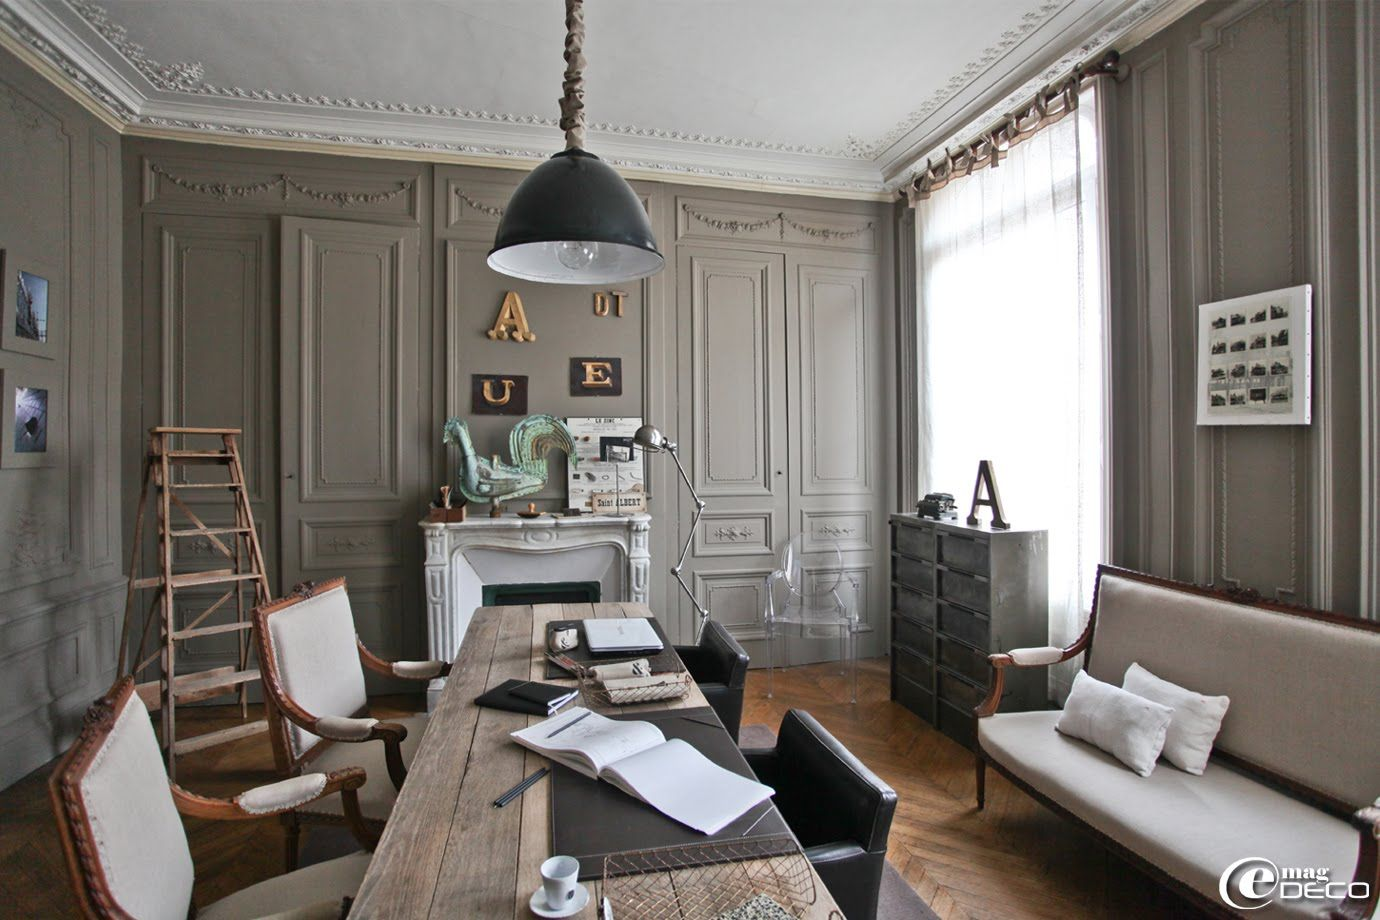 Un salon de style fin XIXème décoré de moulures se transforme en ...